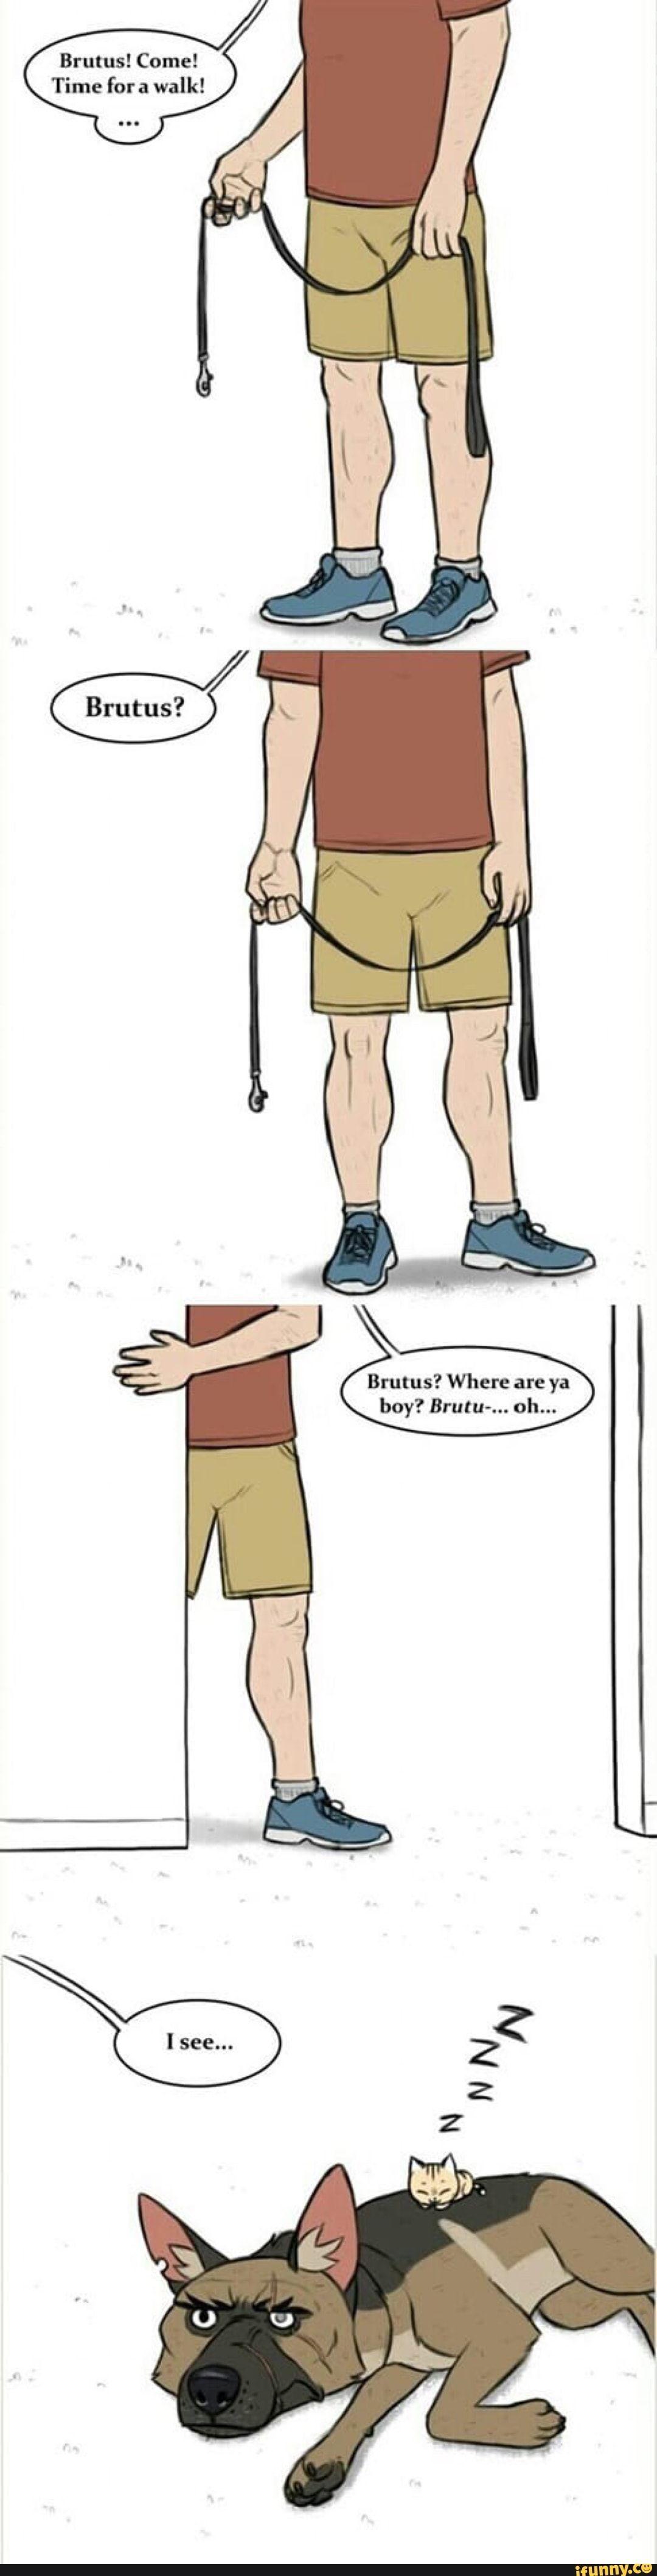 Dog Walk Math Meme